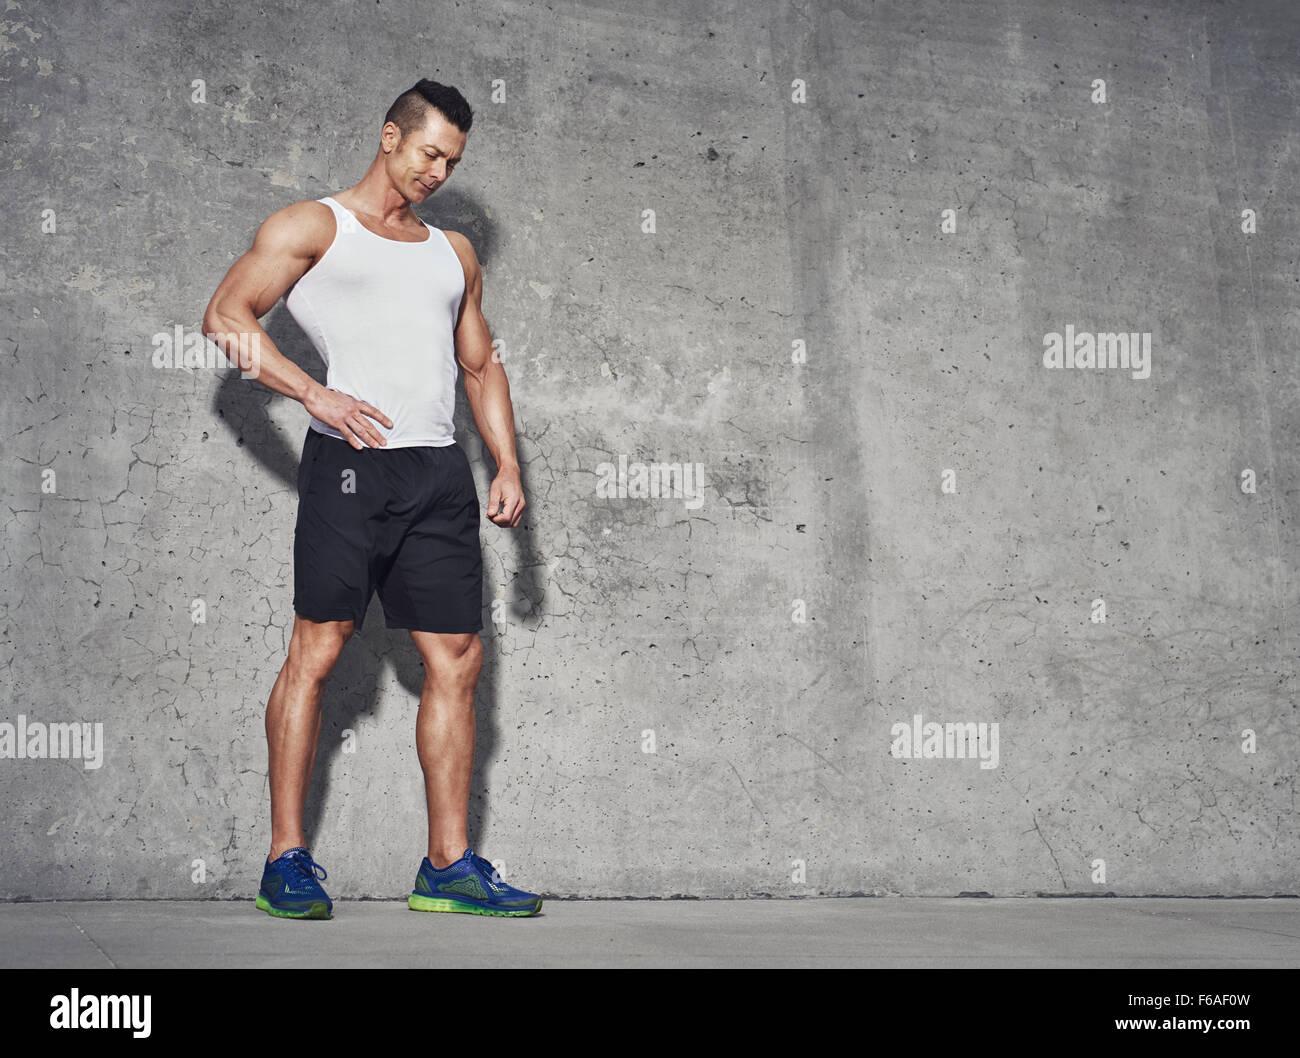 Männliche fitness Modell in Weiß tank top Entspannung nach dem Training. grauer Hintergrund mit Raum für Stockbild